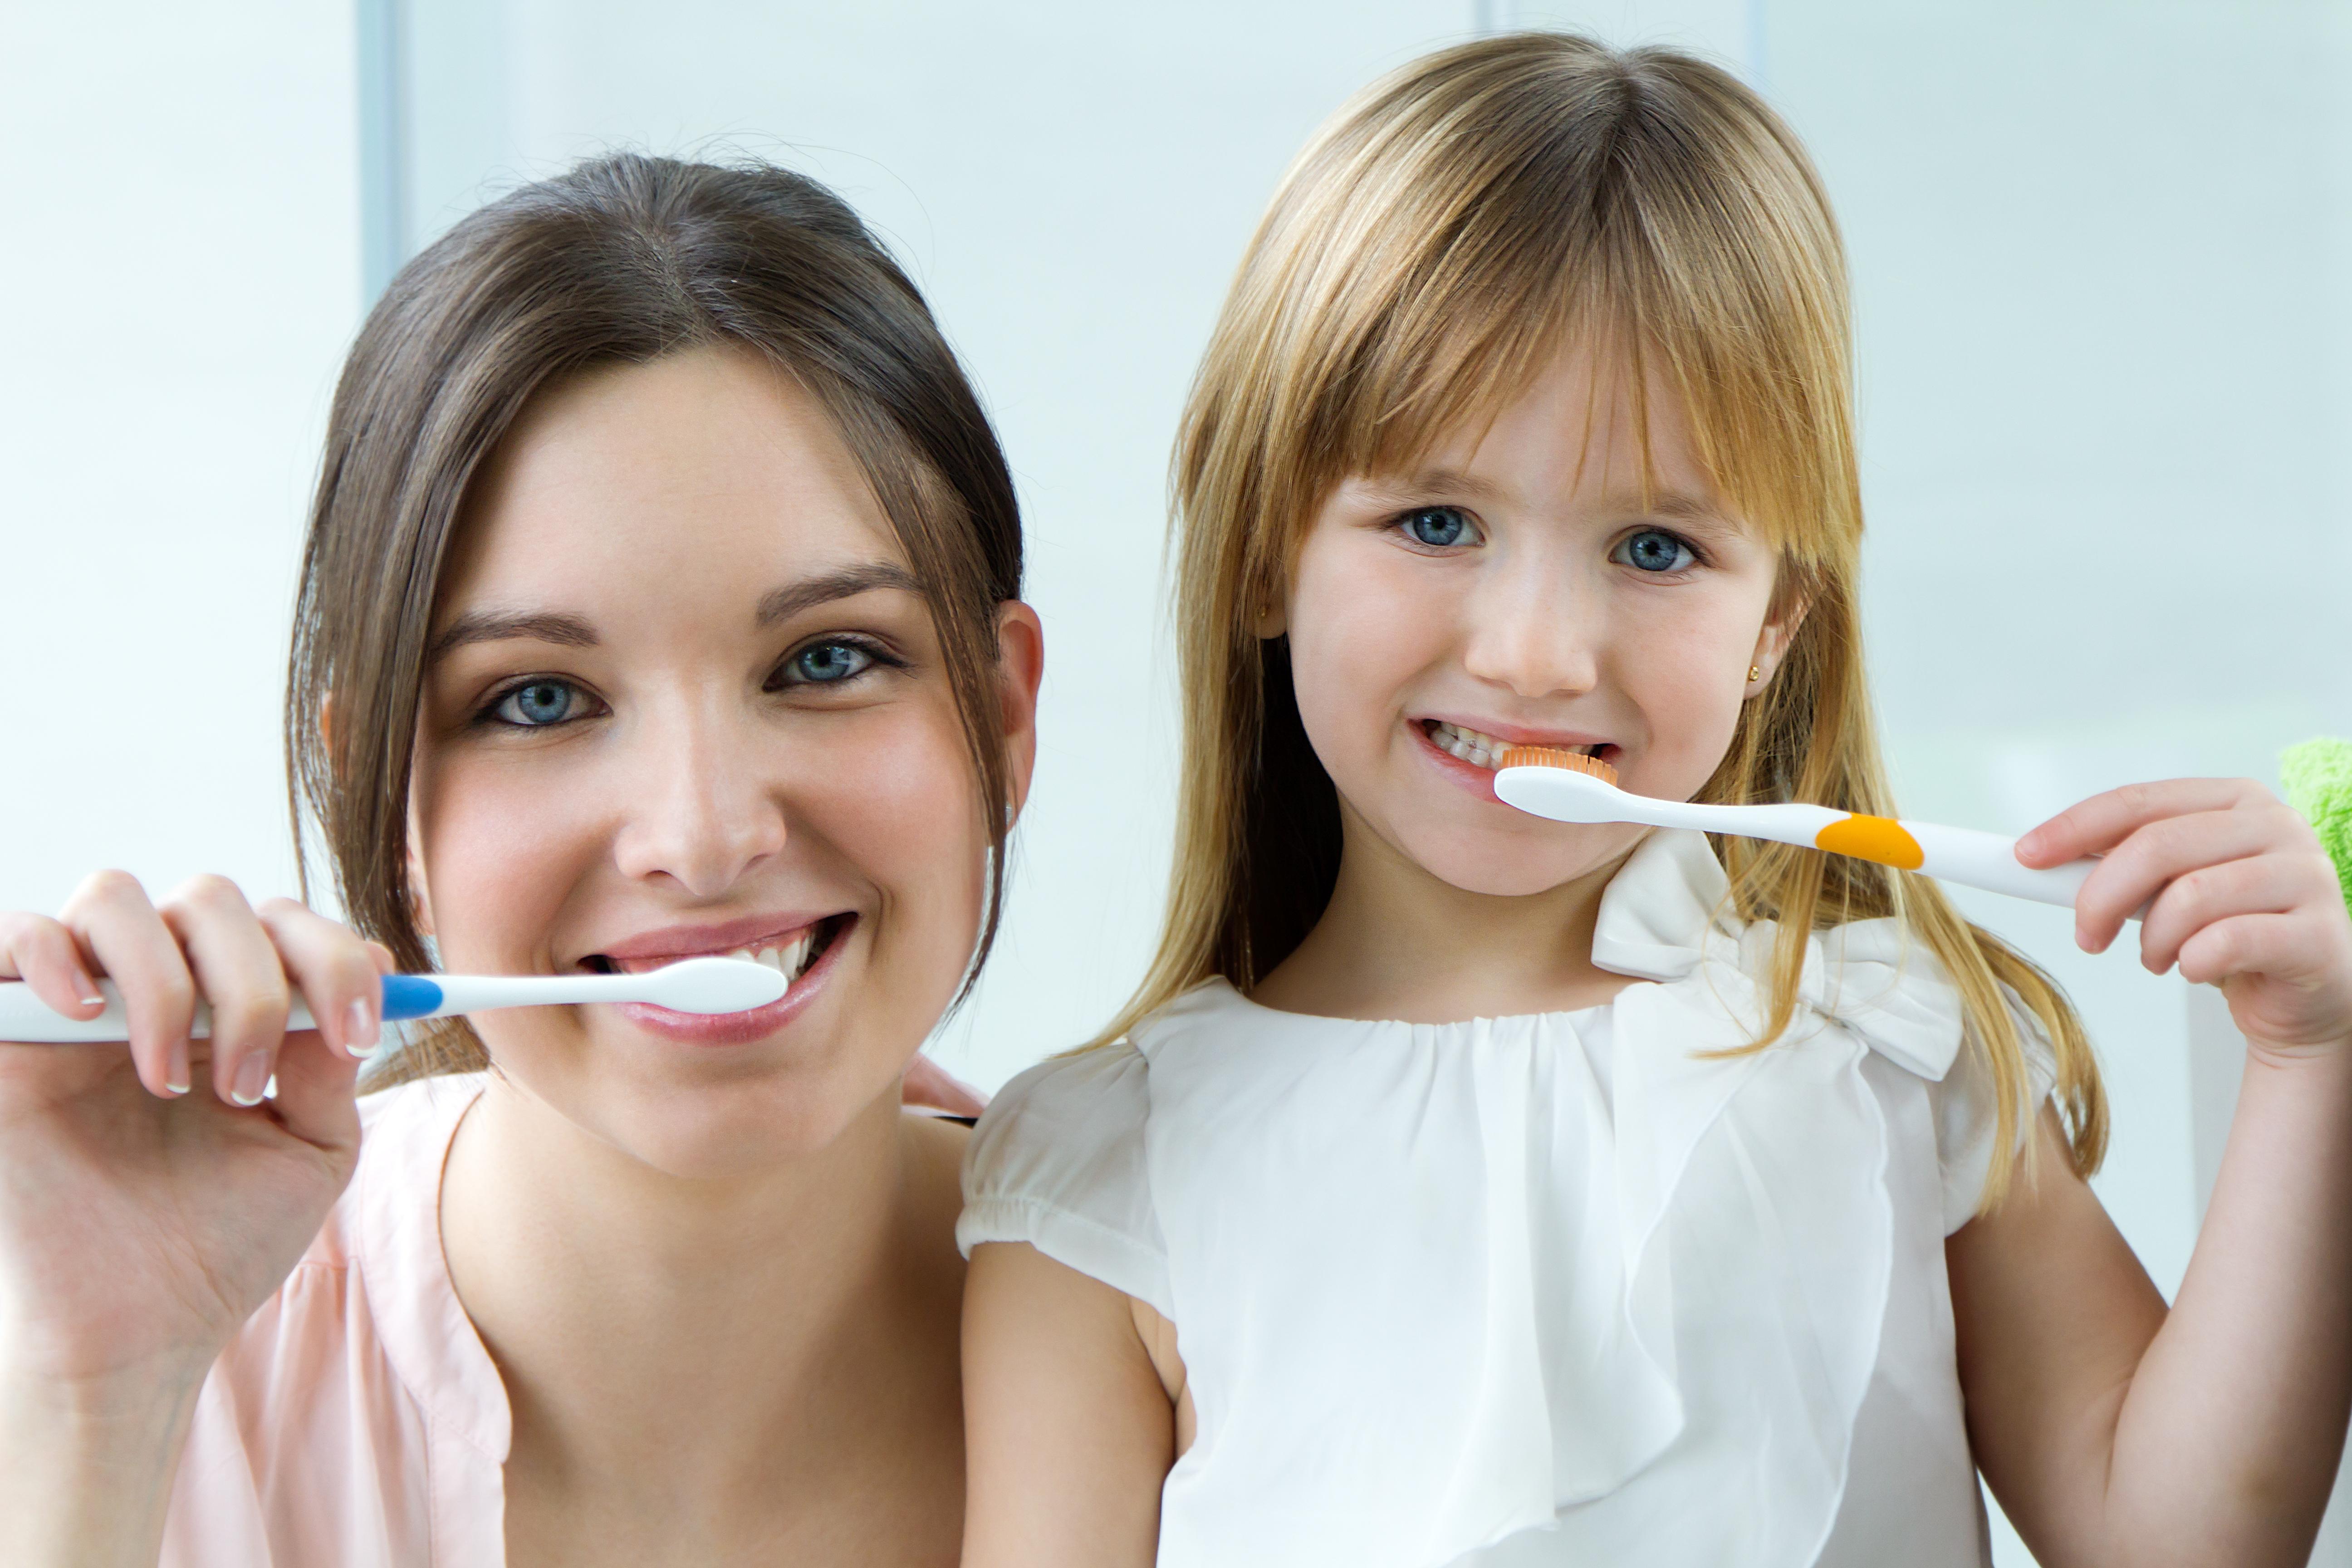 Cuidado dental: dicas rápidas do Clubinho de Ofertas